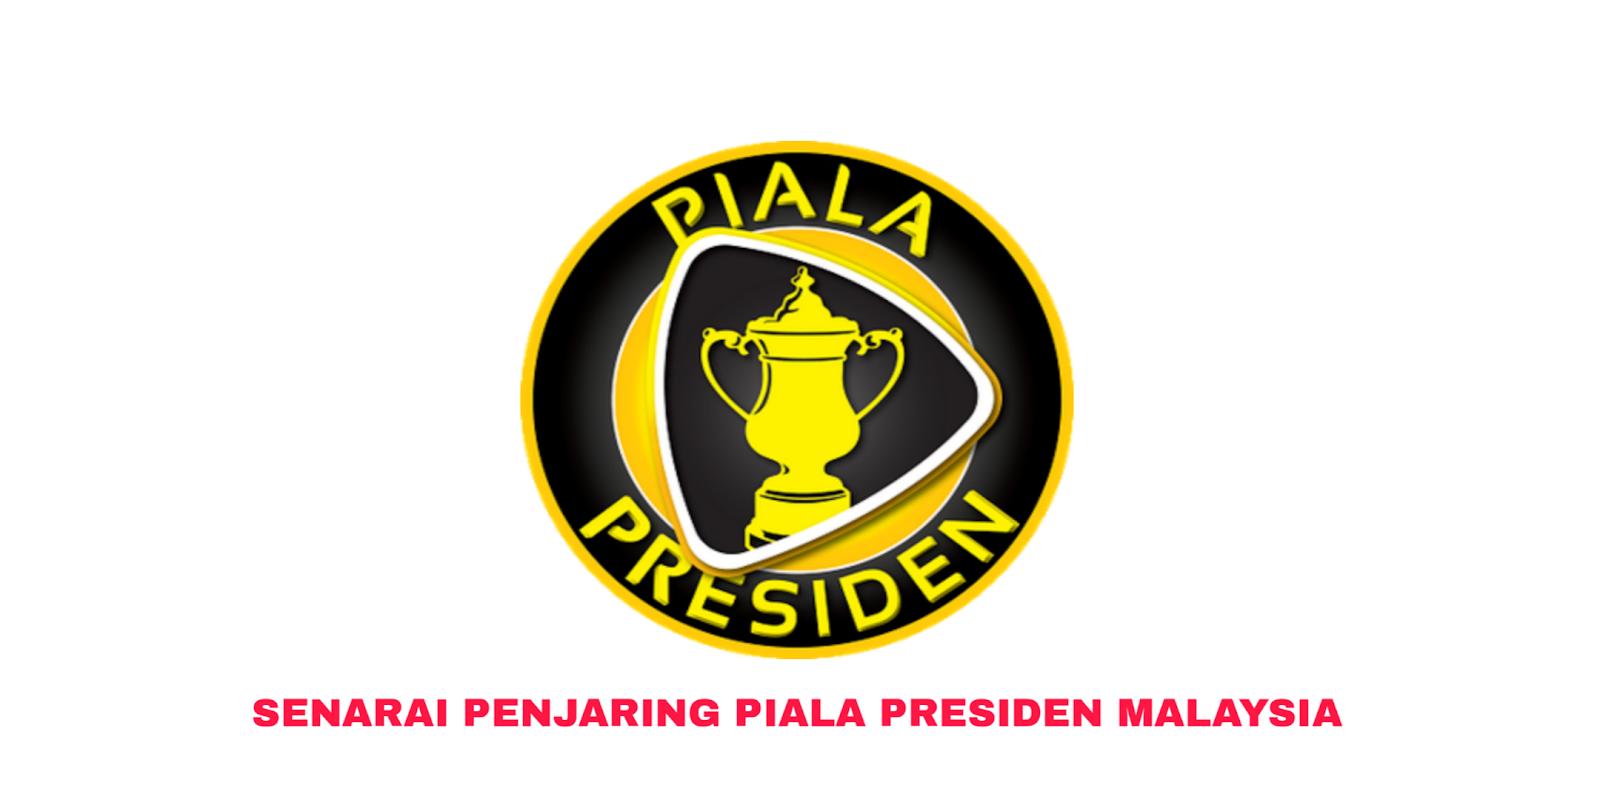 Senarai Penjaring Terbanyak Piala Presiden Malaysia 2020 ...